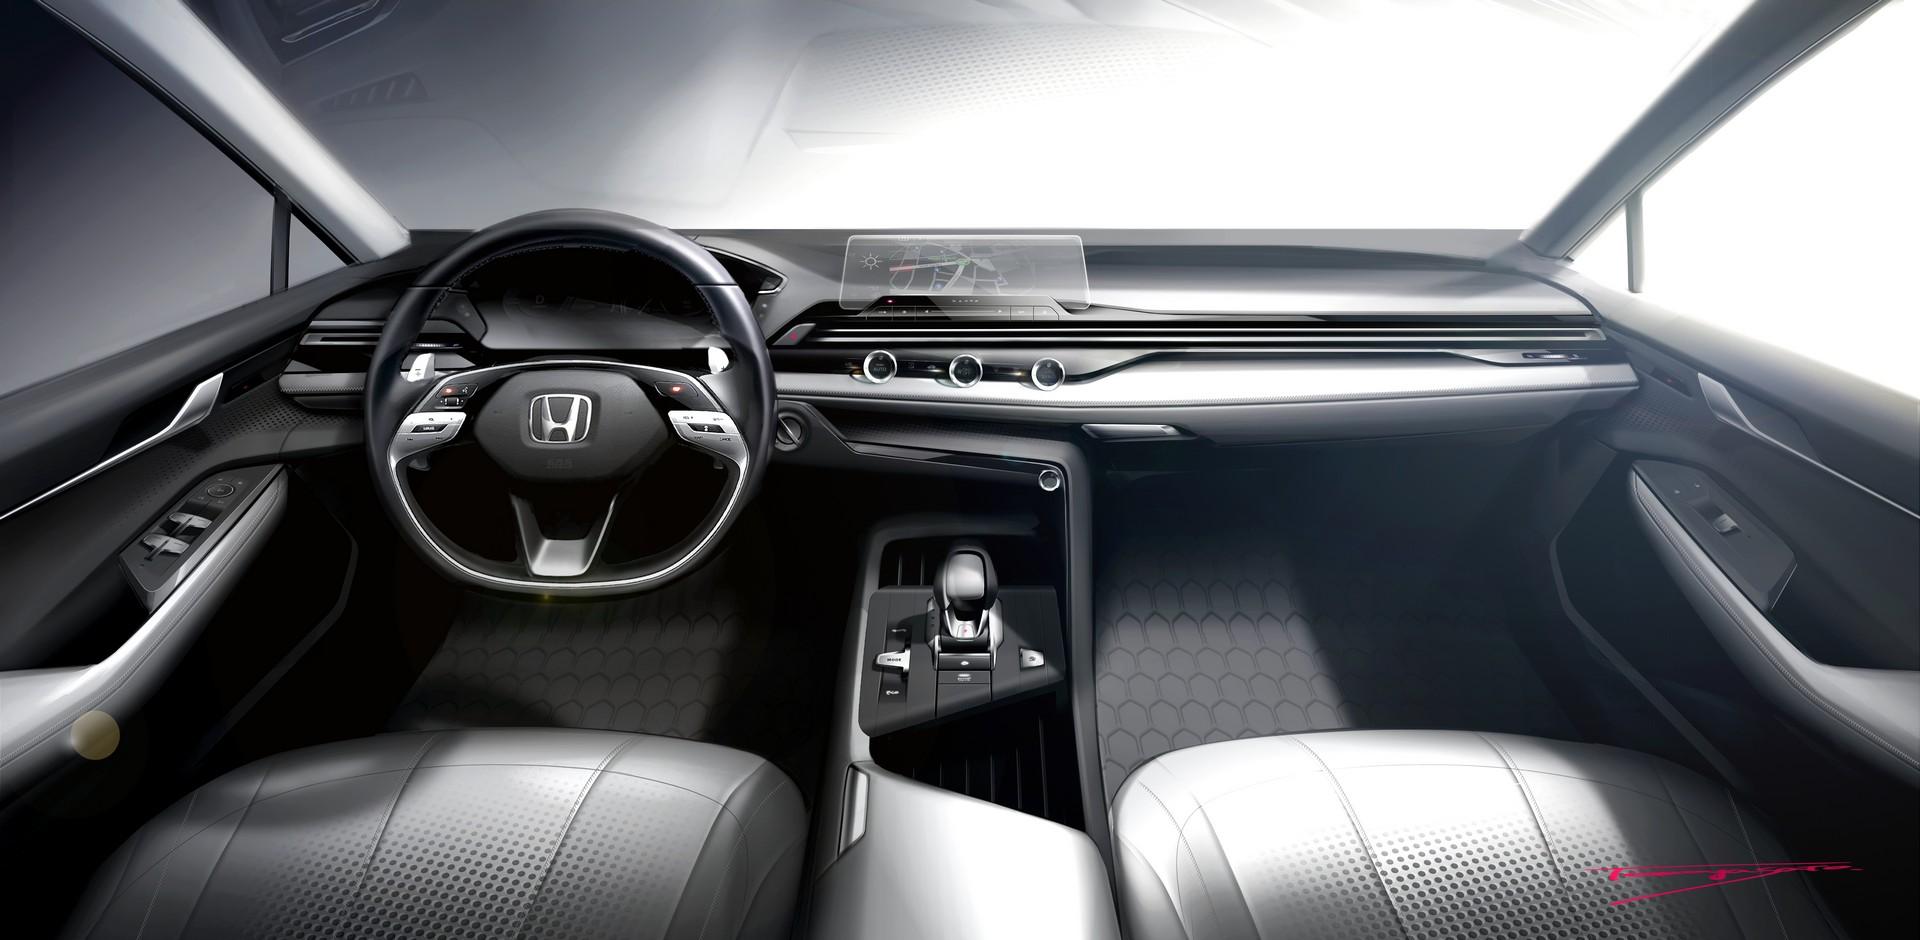 Honda овозможи увид во својата нова дизајнерска филозофија за ентериерот / ВИДЕО